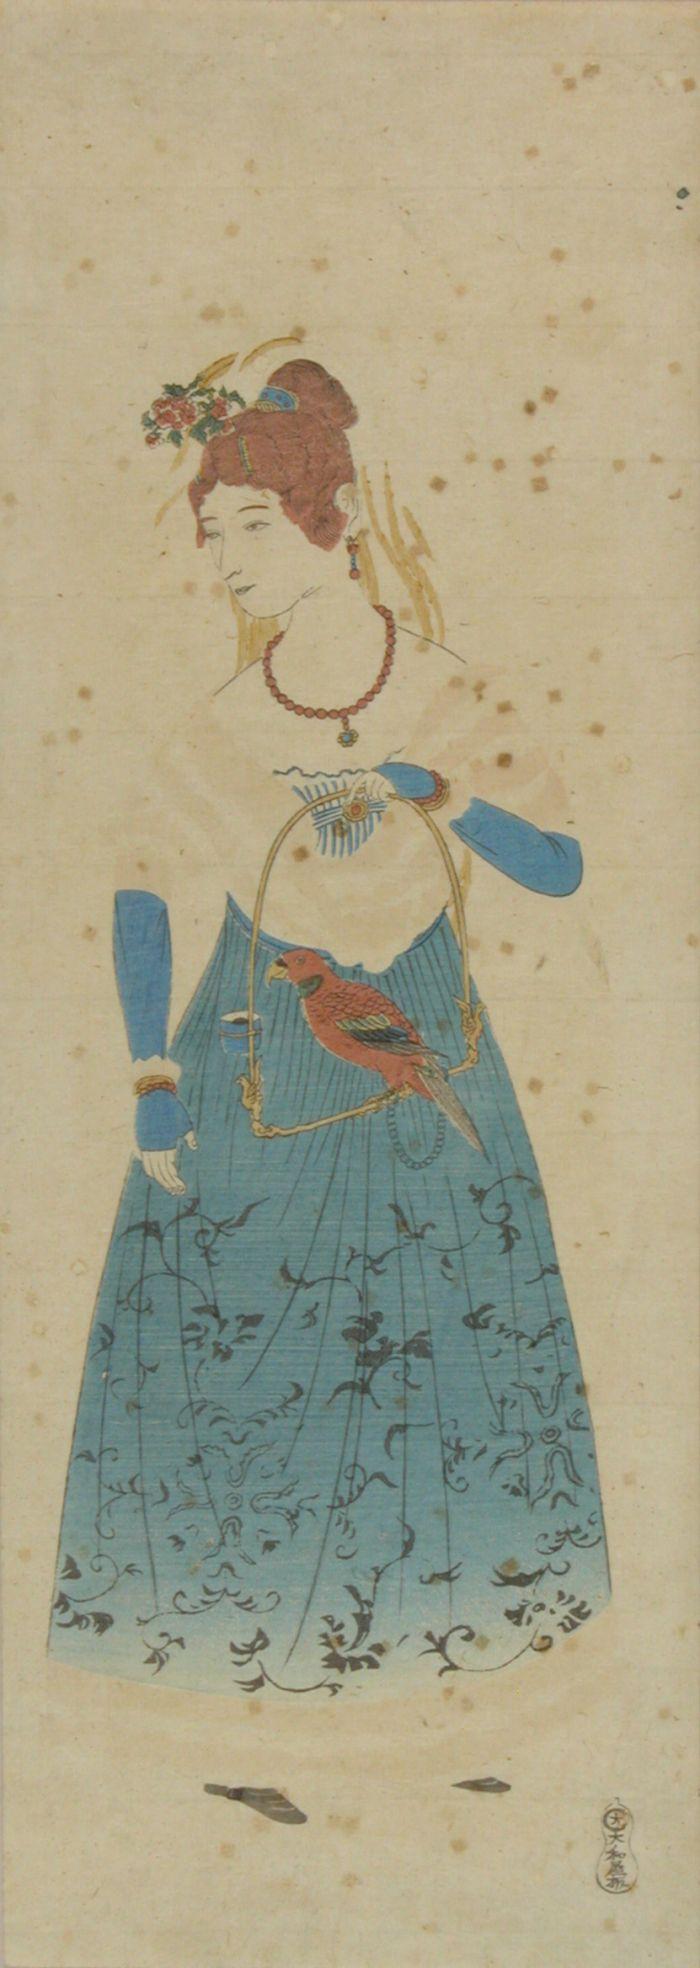 長崎版画 オランダ女人